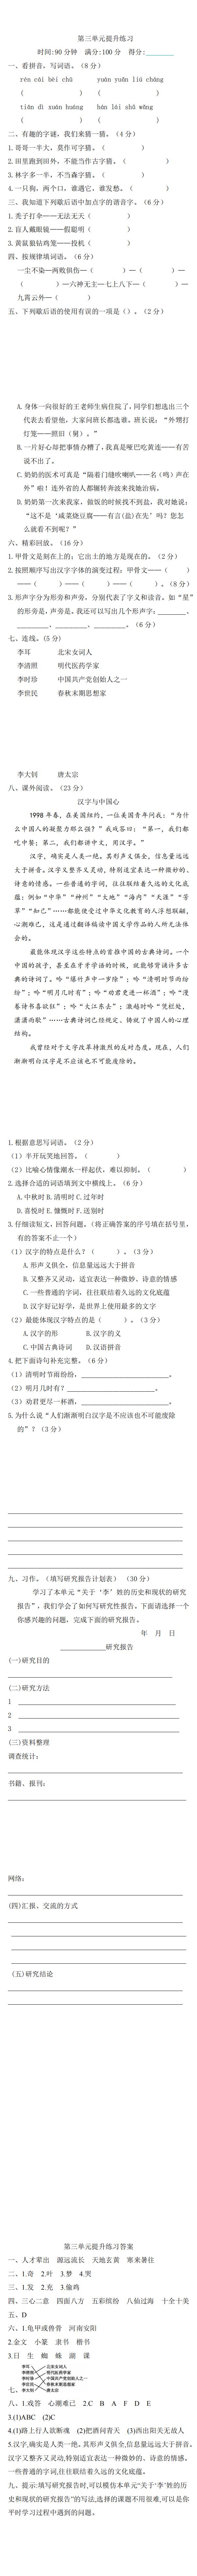 部编版语文五年级下册第三单元提升练习 (含答案)_0.png